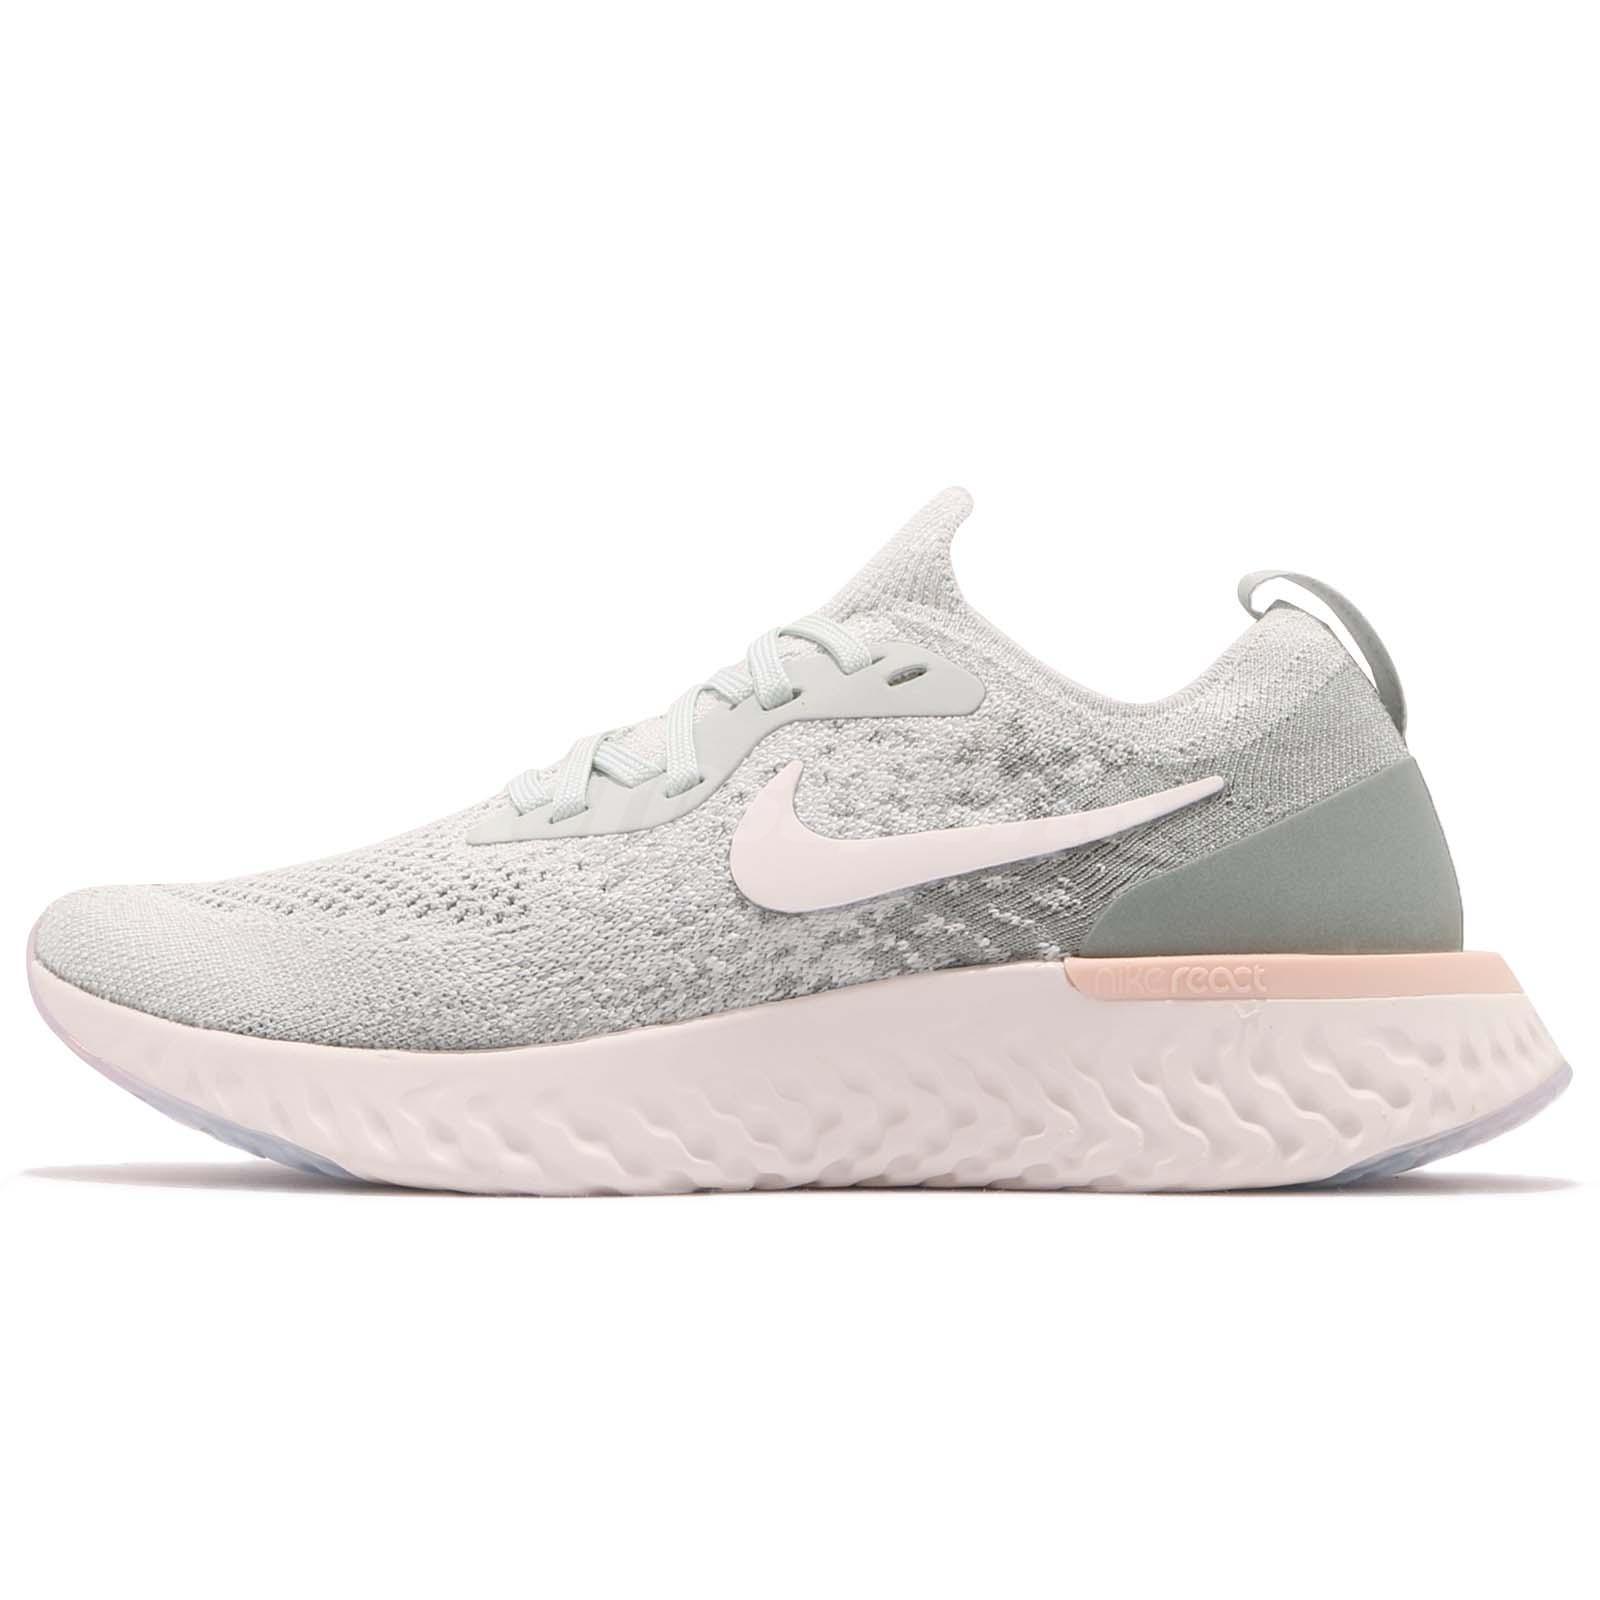 5e3abc6f24c6b5 Nike Wmns Epic React Flyknit Mica Green Women Running Shoes Sneakers AQ0070 -009